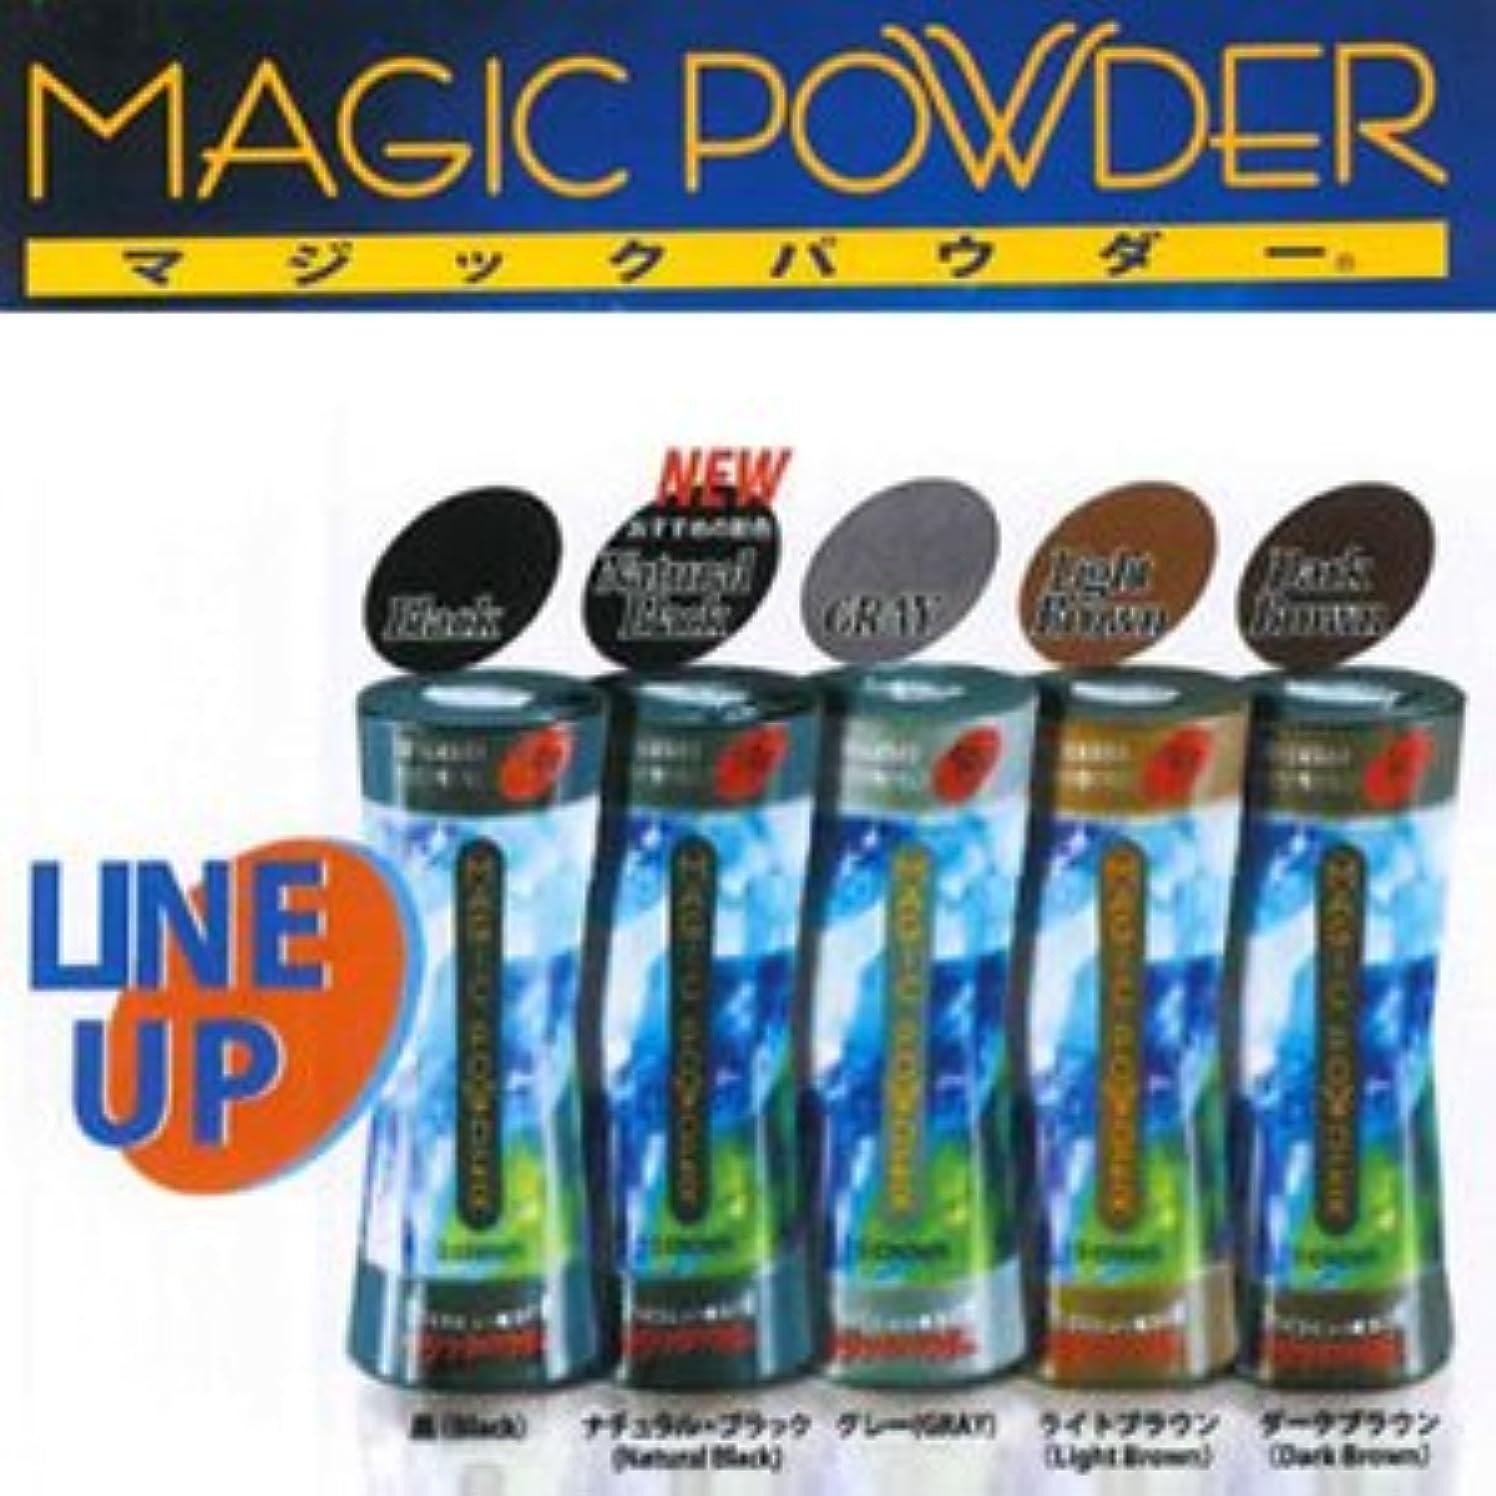 シャワー吐く前MAGIC POWDER マジックパウダー ライトブラウン 50g  ※貴方の髪を簡単ボリュームアップ!